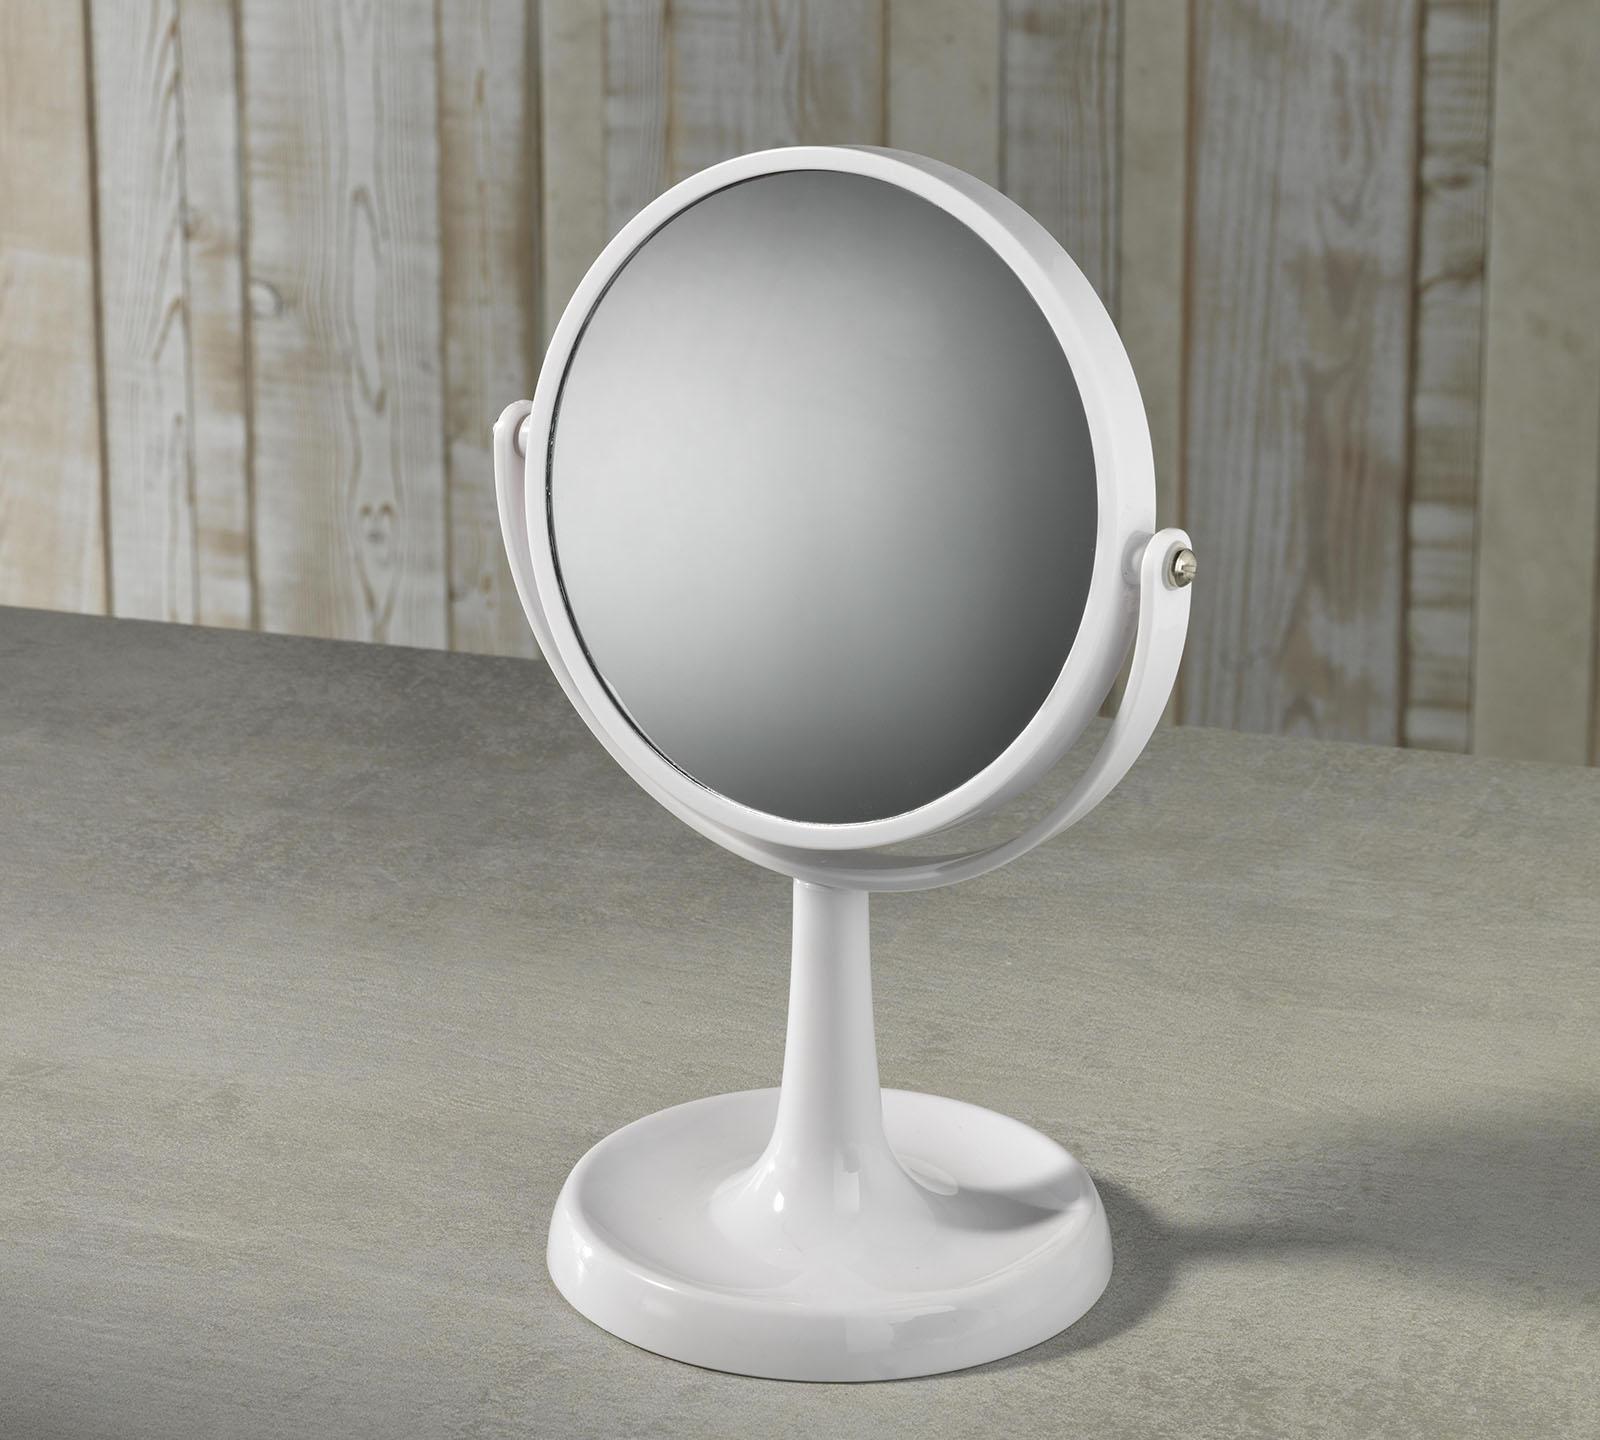 Specchio Ingranditore Per Bagno.Specchio Ingranditore D Appoggio 19 5 X 19 5 Cm